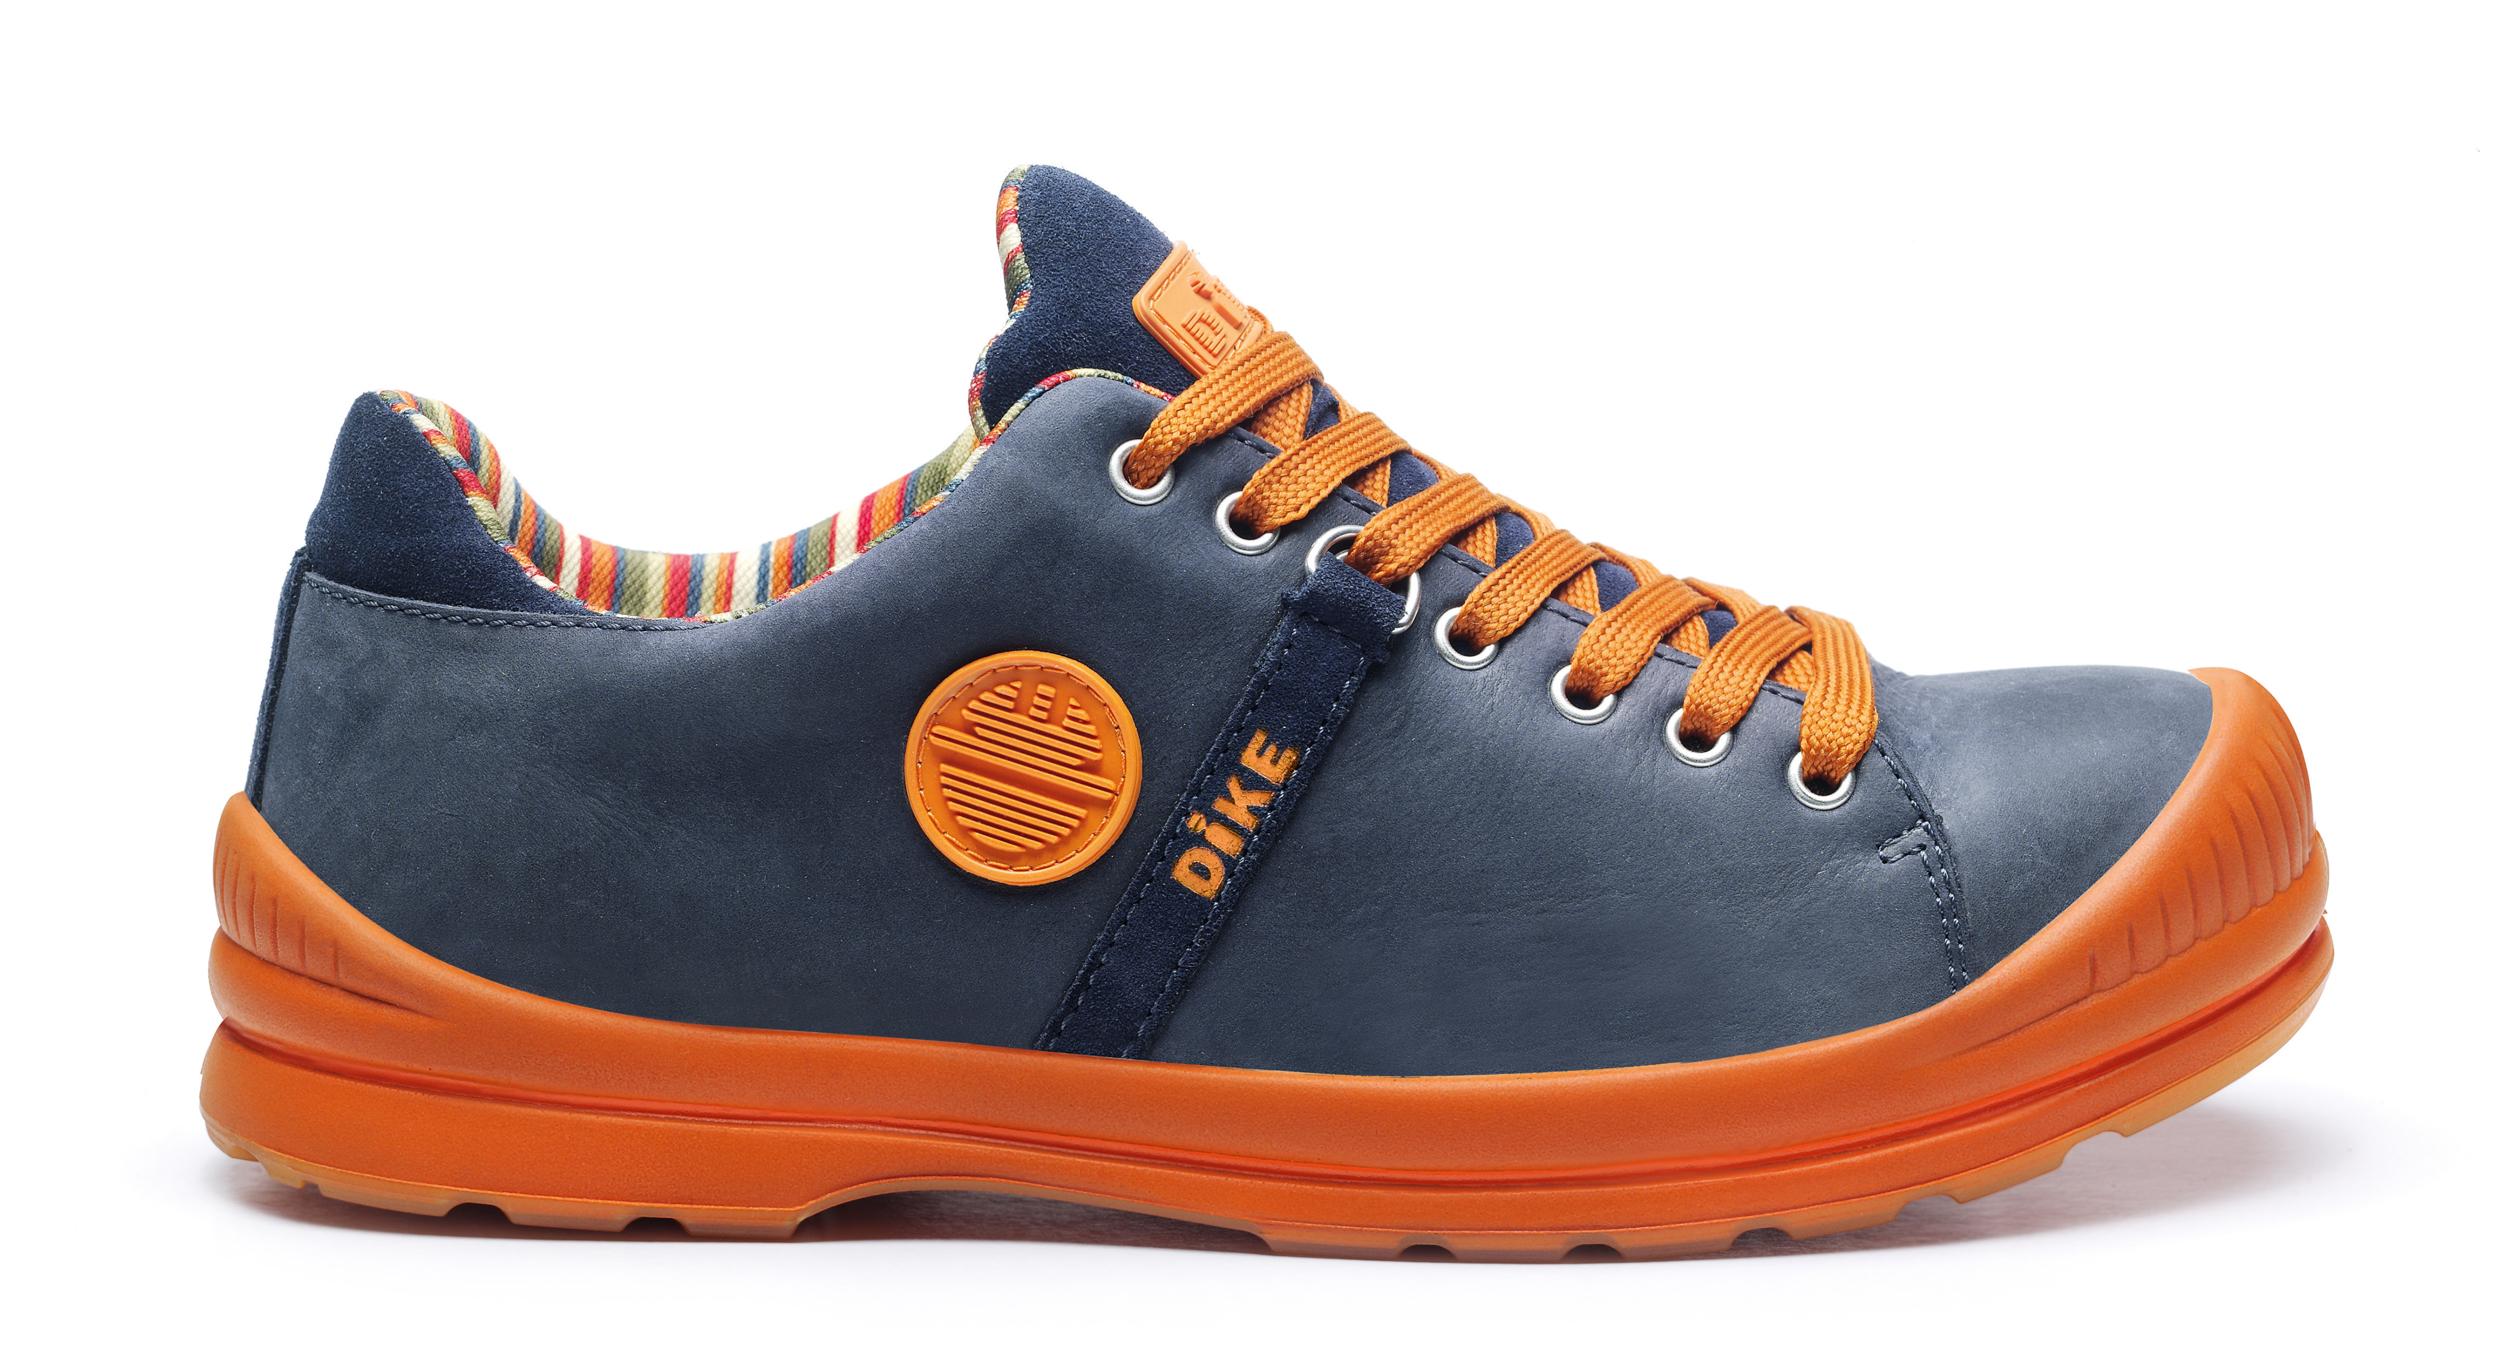 Chaussure de sécurité SUPERB BASSE OCEAN S3 SRC DIKE - Du 38 au 47